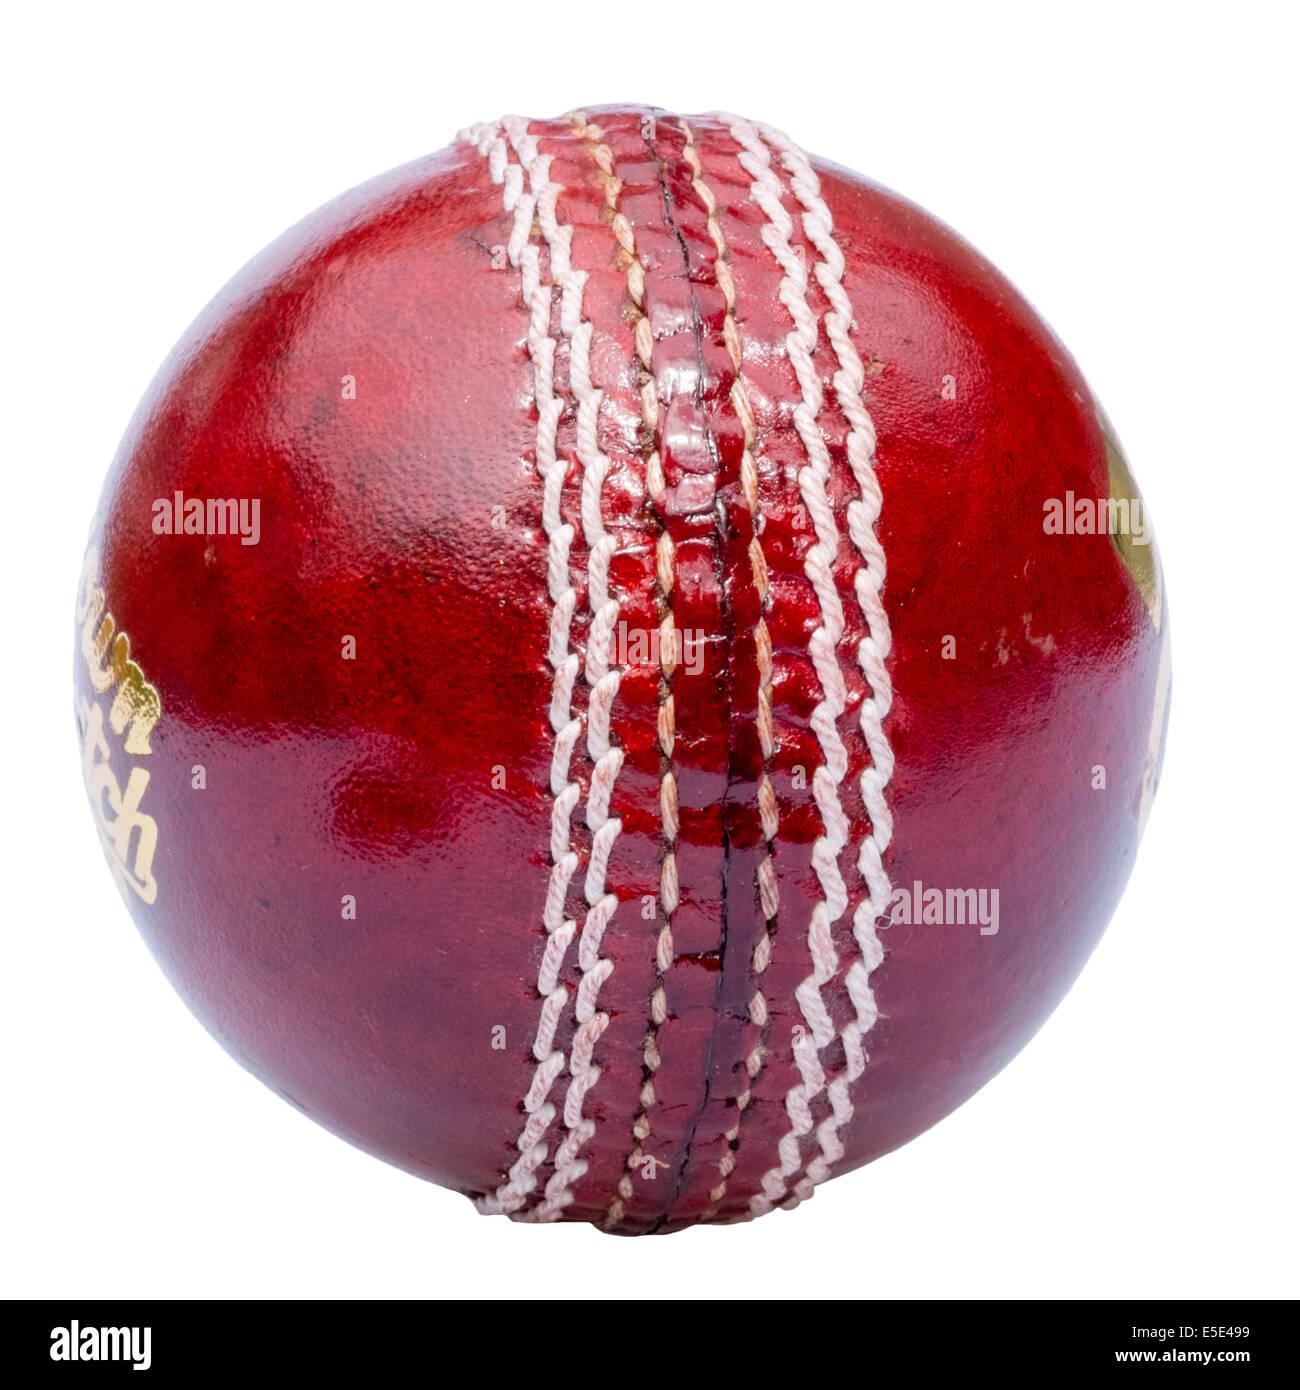 Cricketball ausgeschnitten oder isoliert auf einem weißen Hintergrund. Stockbild